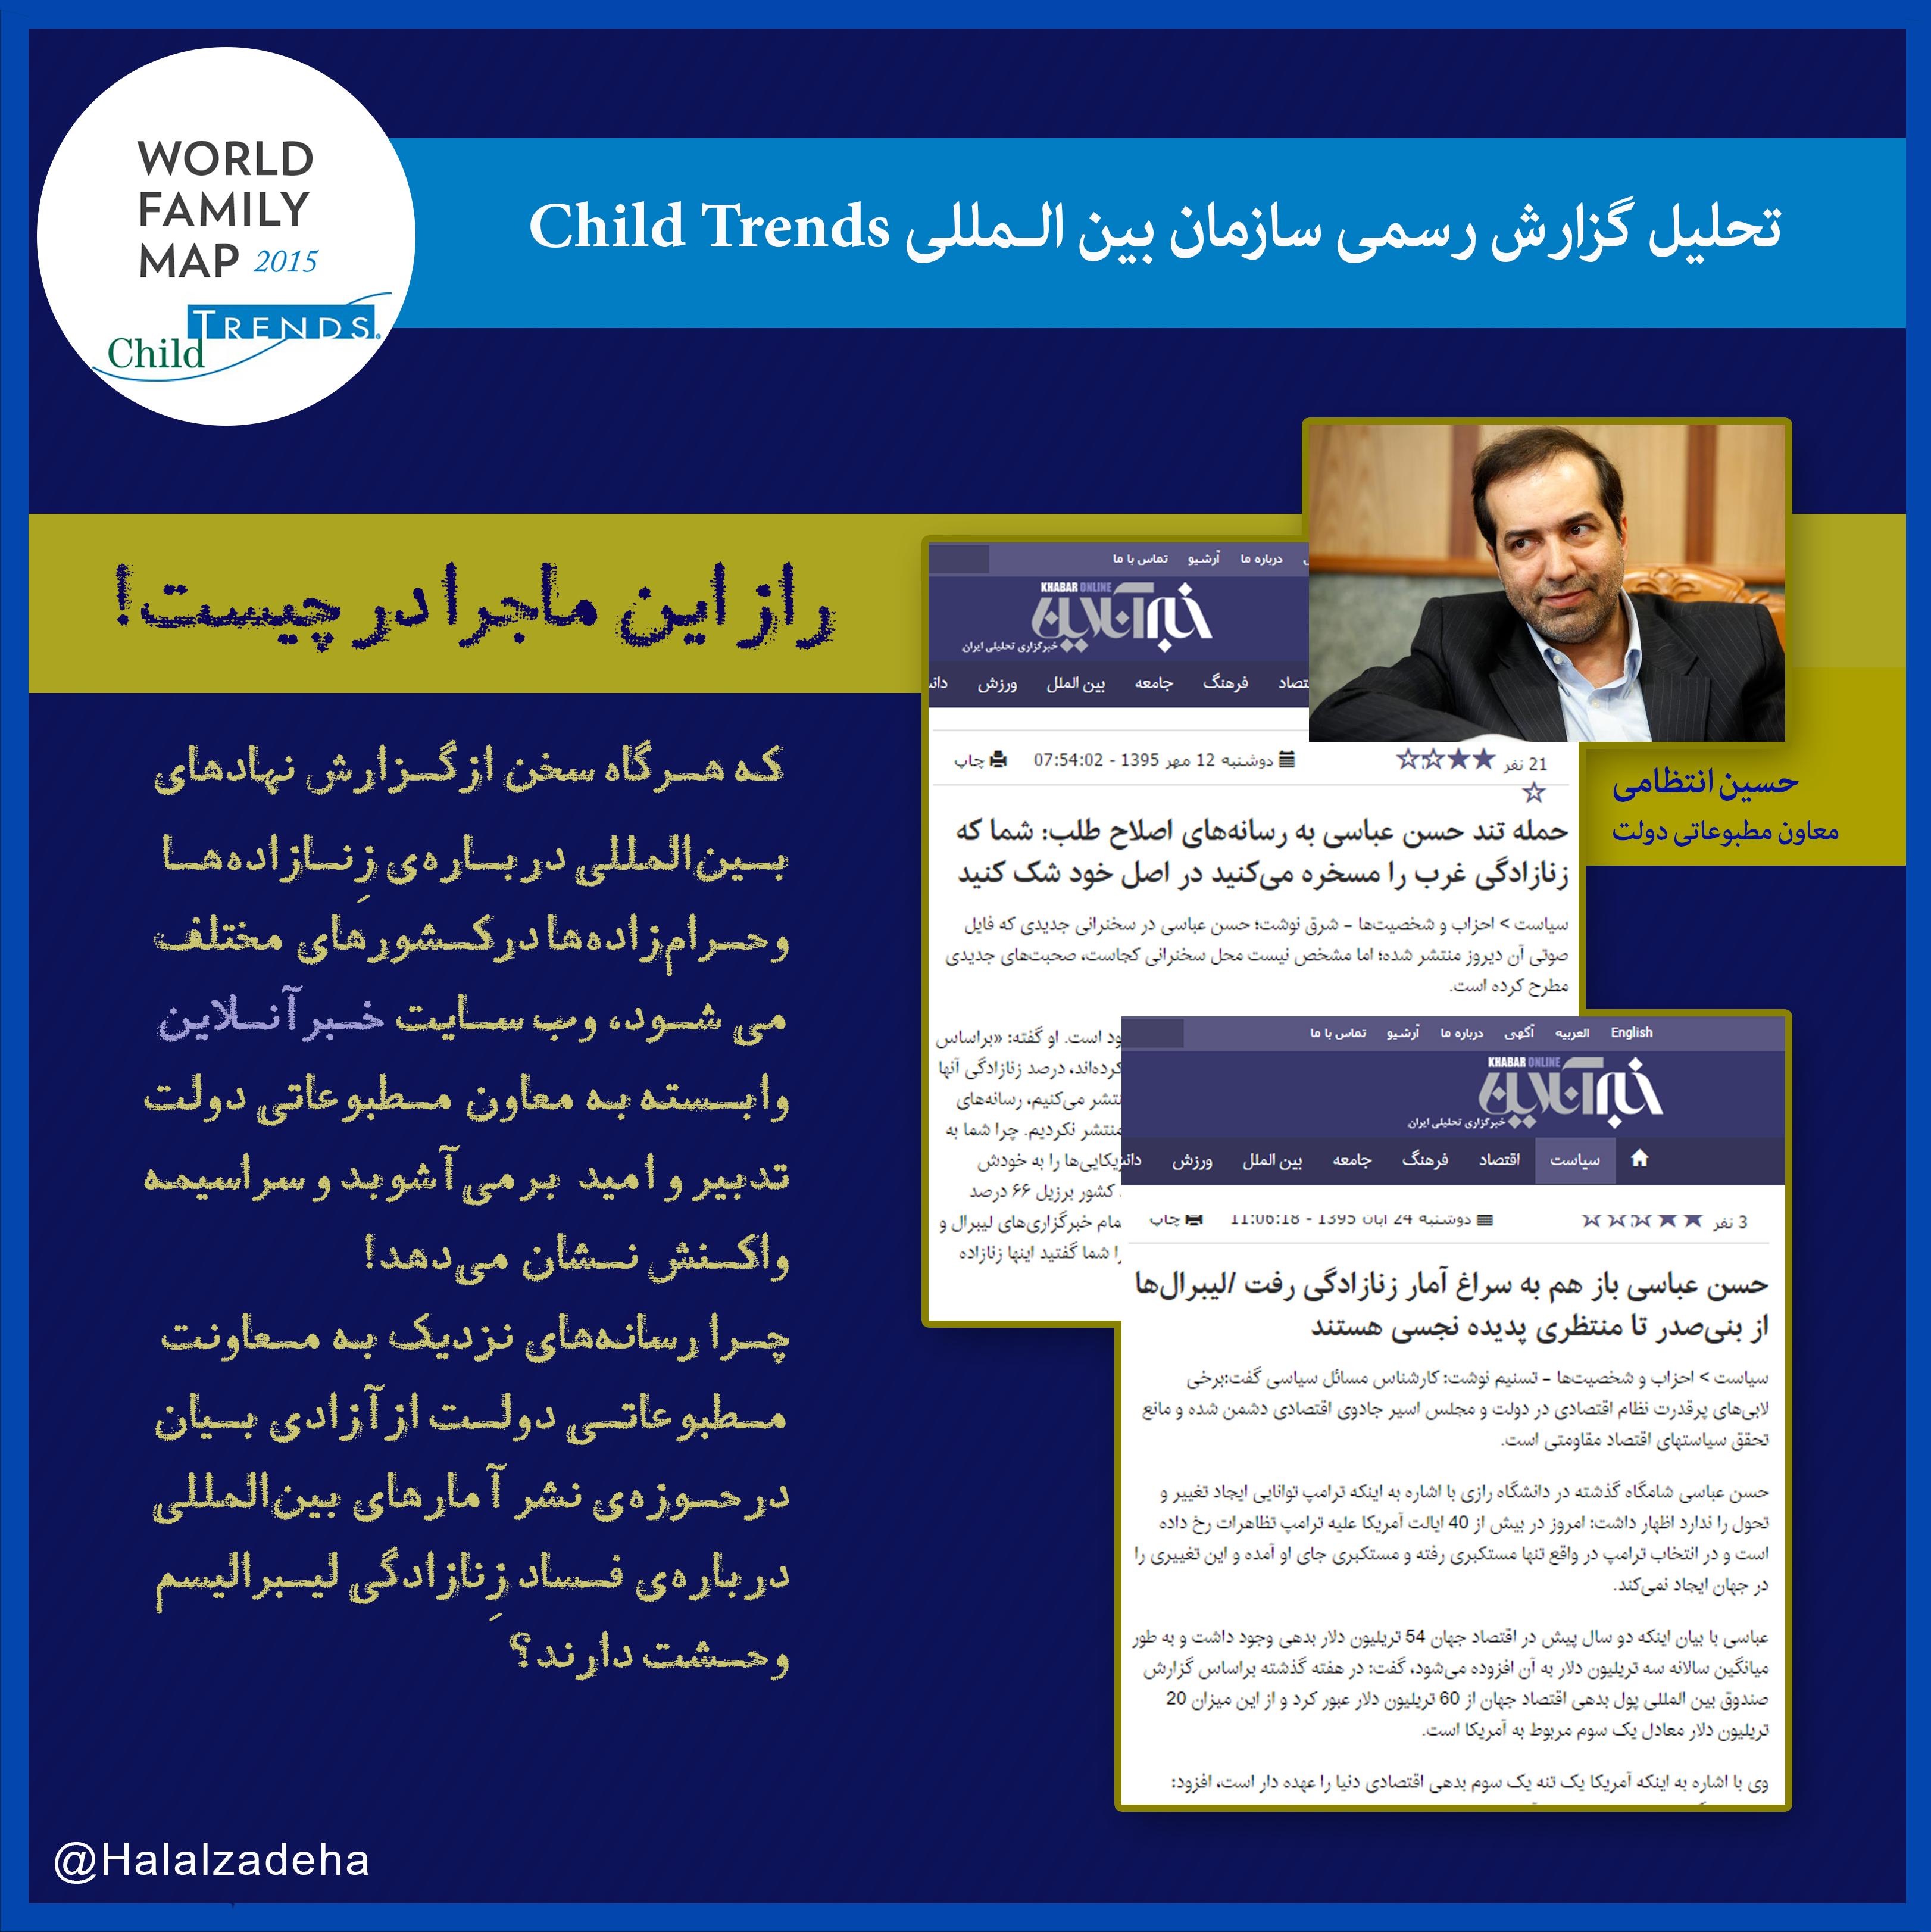 راز وحشت رسانههای نزدیک به #معاونت_مطبوعاتی_دولت تدبیر و امید از نشر آمارهای فساد #زنازادگی_لیبرالیسم چیست؟